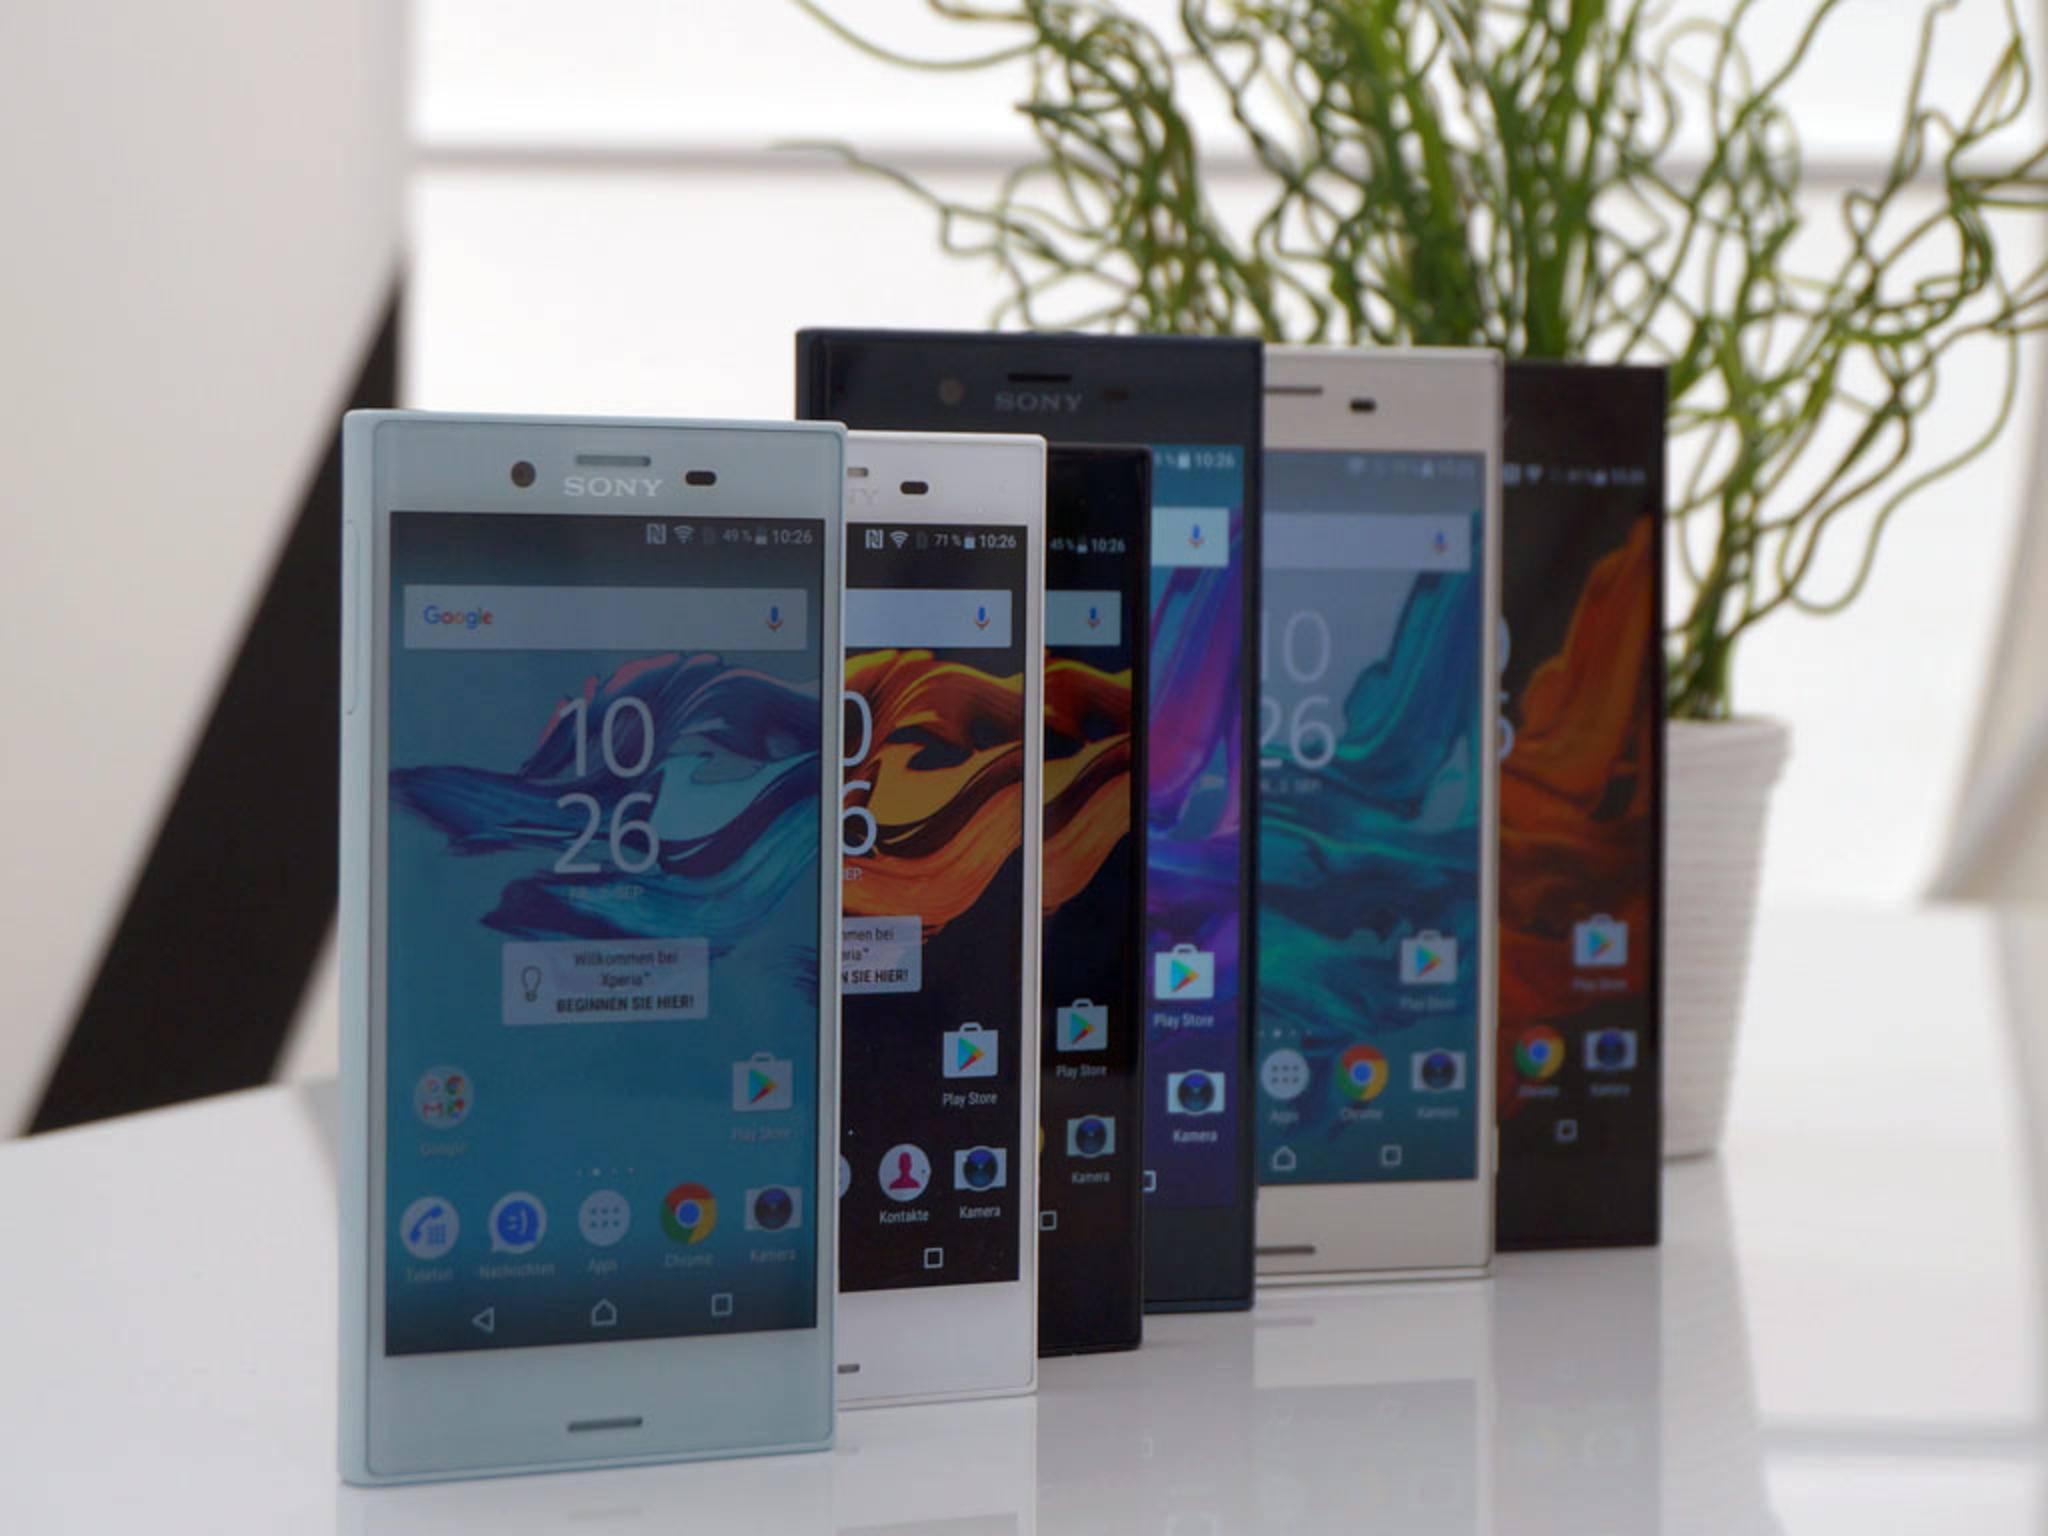 Xperia XZ und X Compact werden zu den ersten Sony-Phones mit Android 7 gehören.